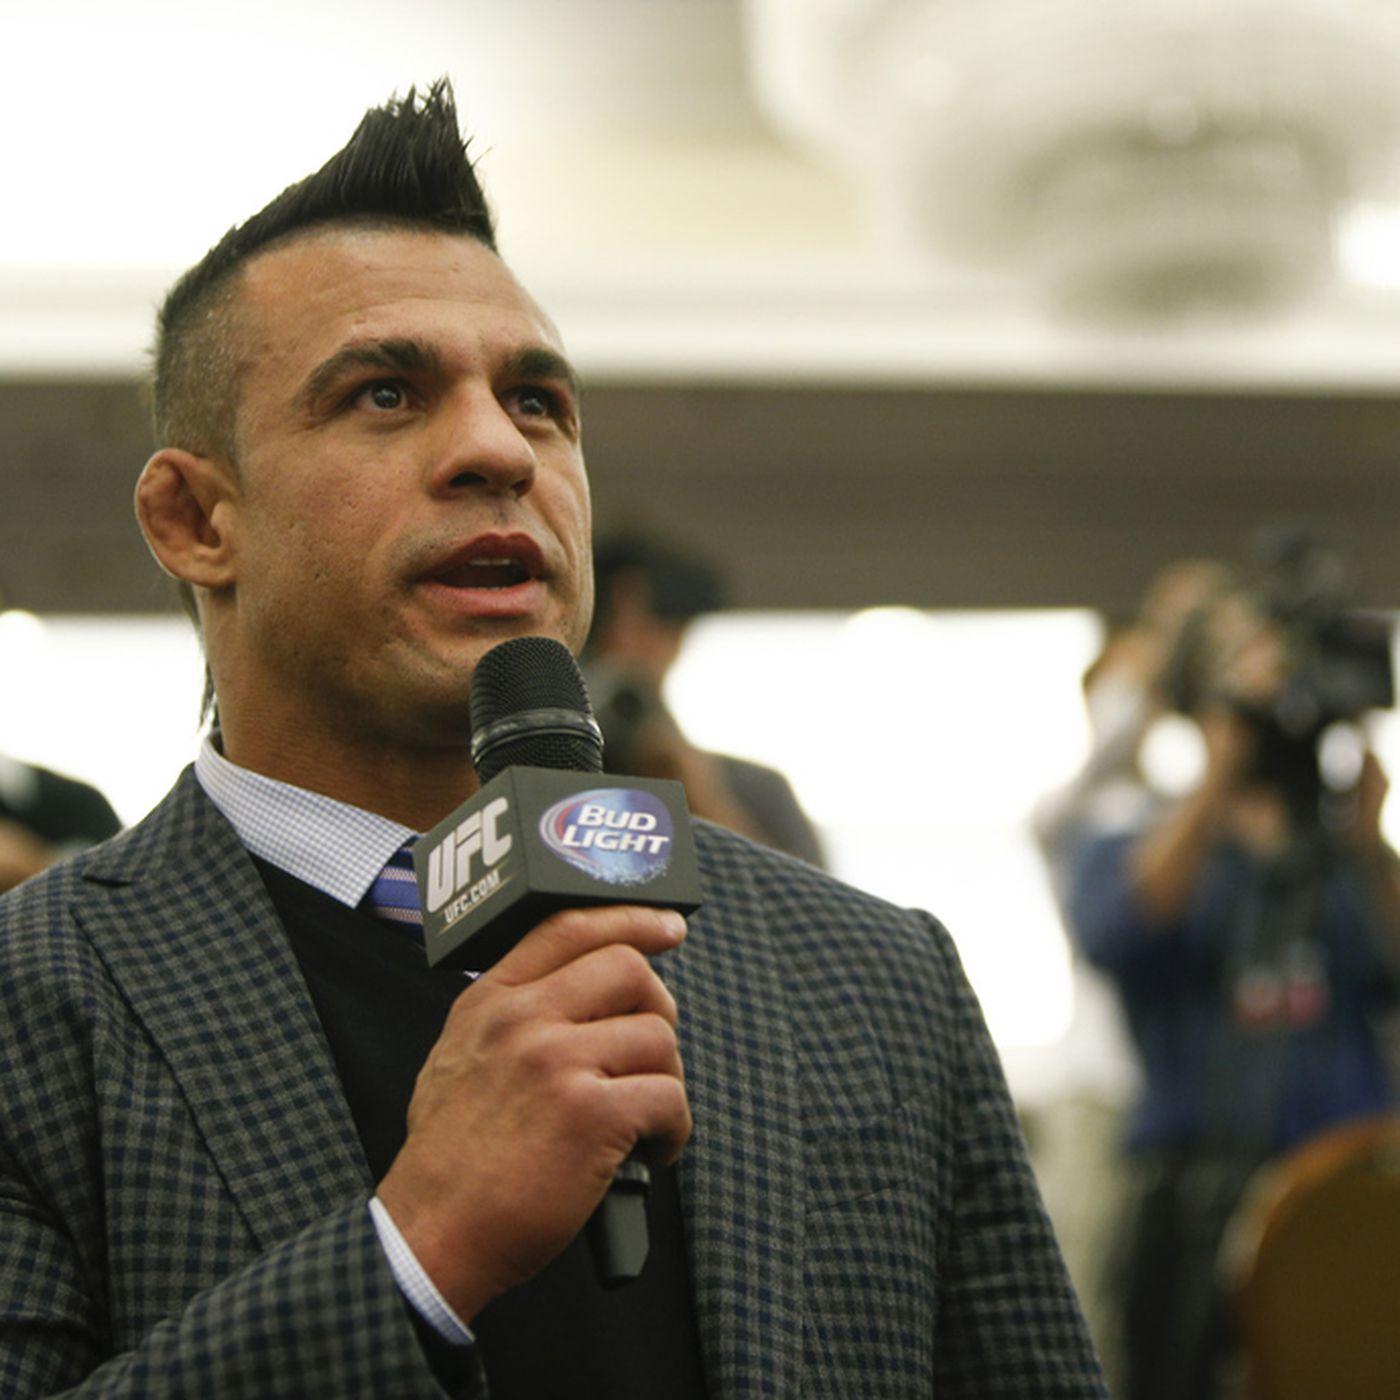 e26e4e951a2 Morning Report  Vitor Belfort compares the UFC-Reebok deal to  slavery